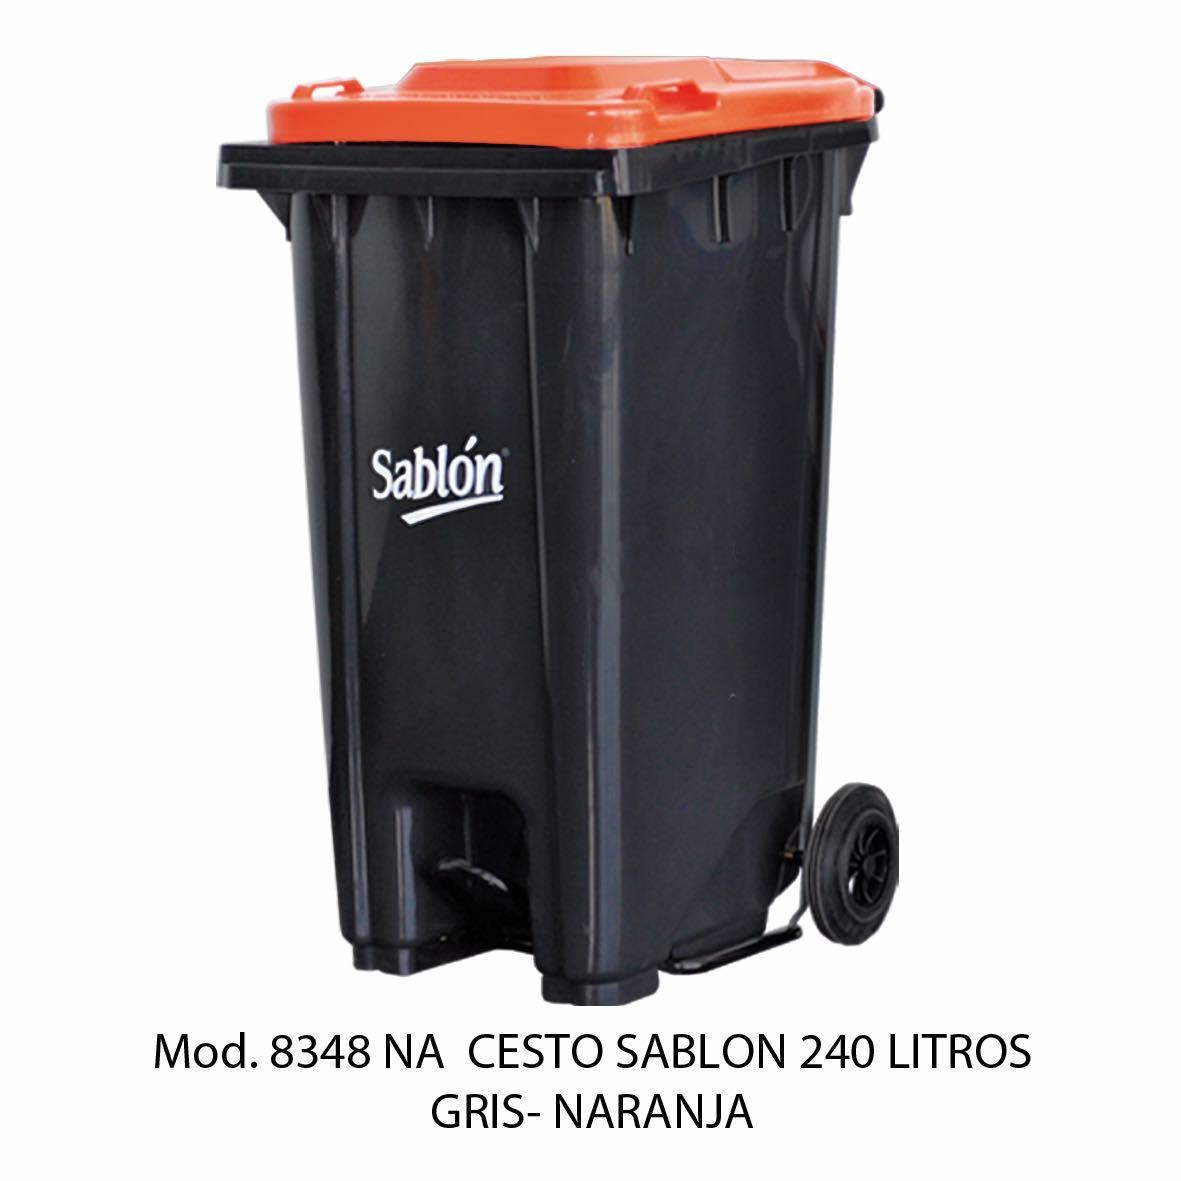 Contenedor de gran capacidad con cuerpo gris y tapa naranja - Modelo 8348 NA - Sablón